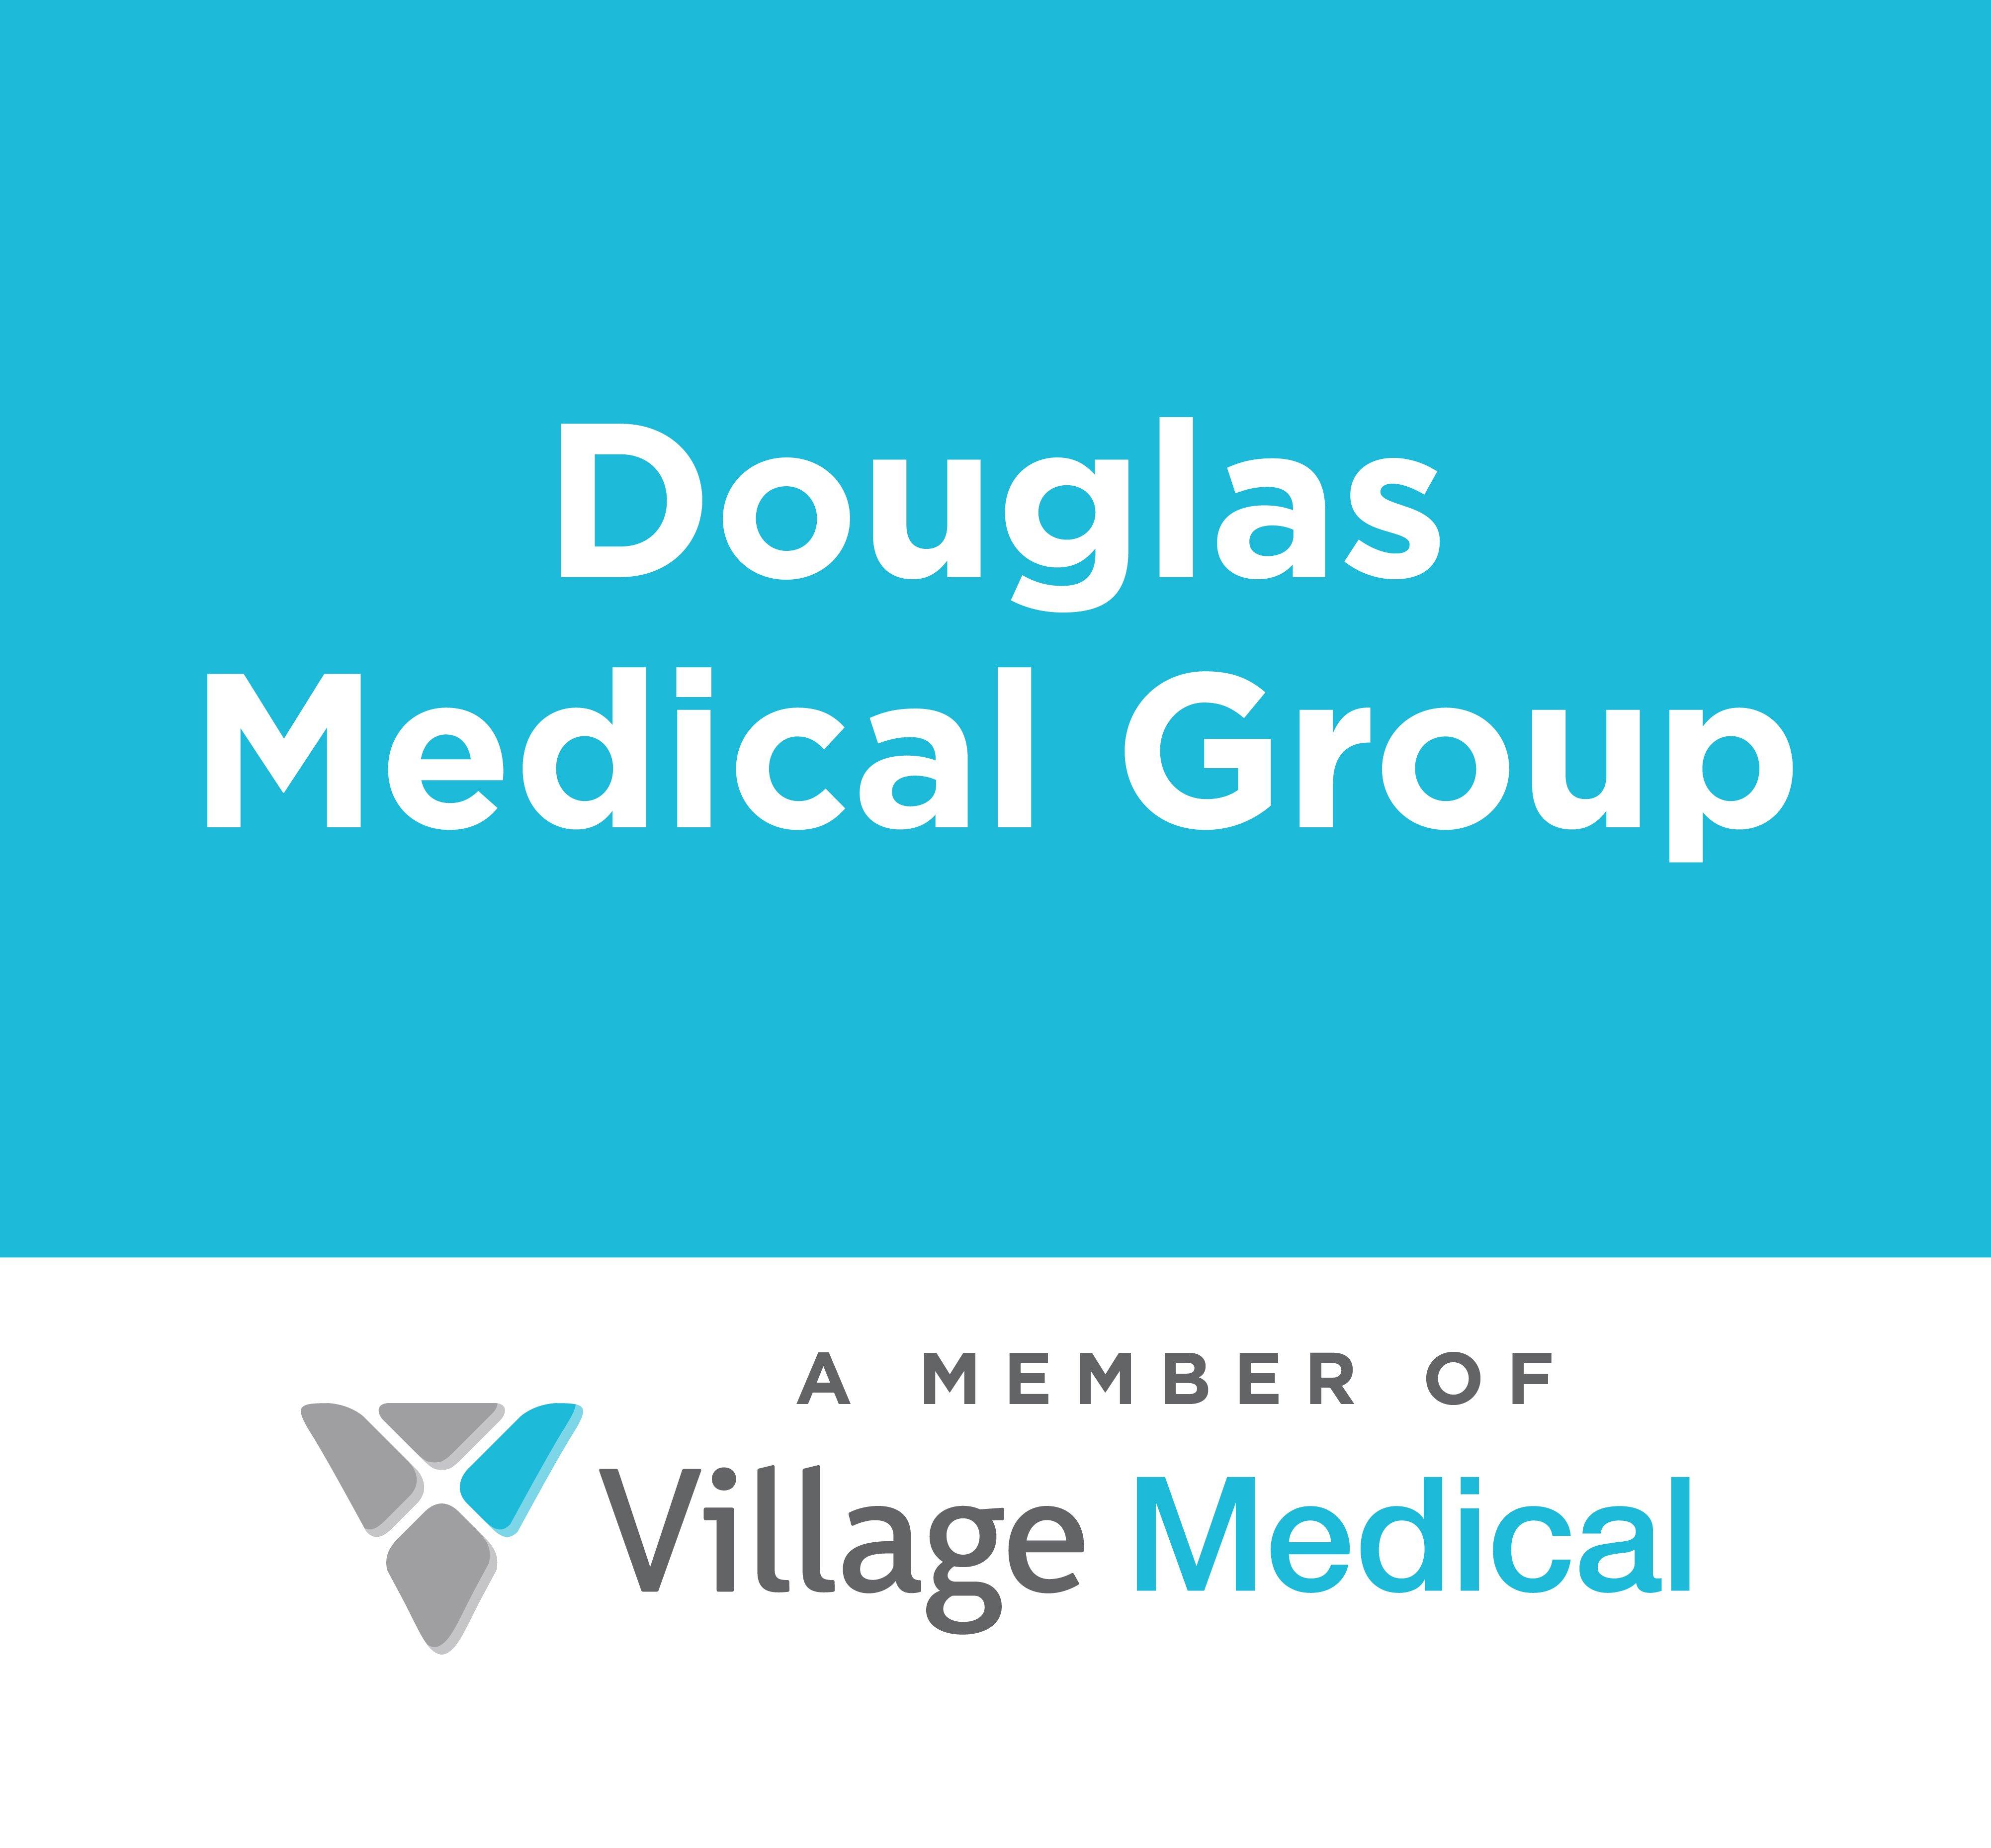 Village Medical at Douglas Medical Group - 6025 Professional Pkwy  Douglasville, GA 30134